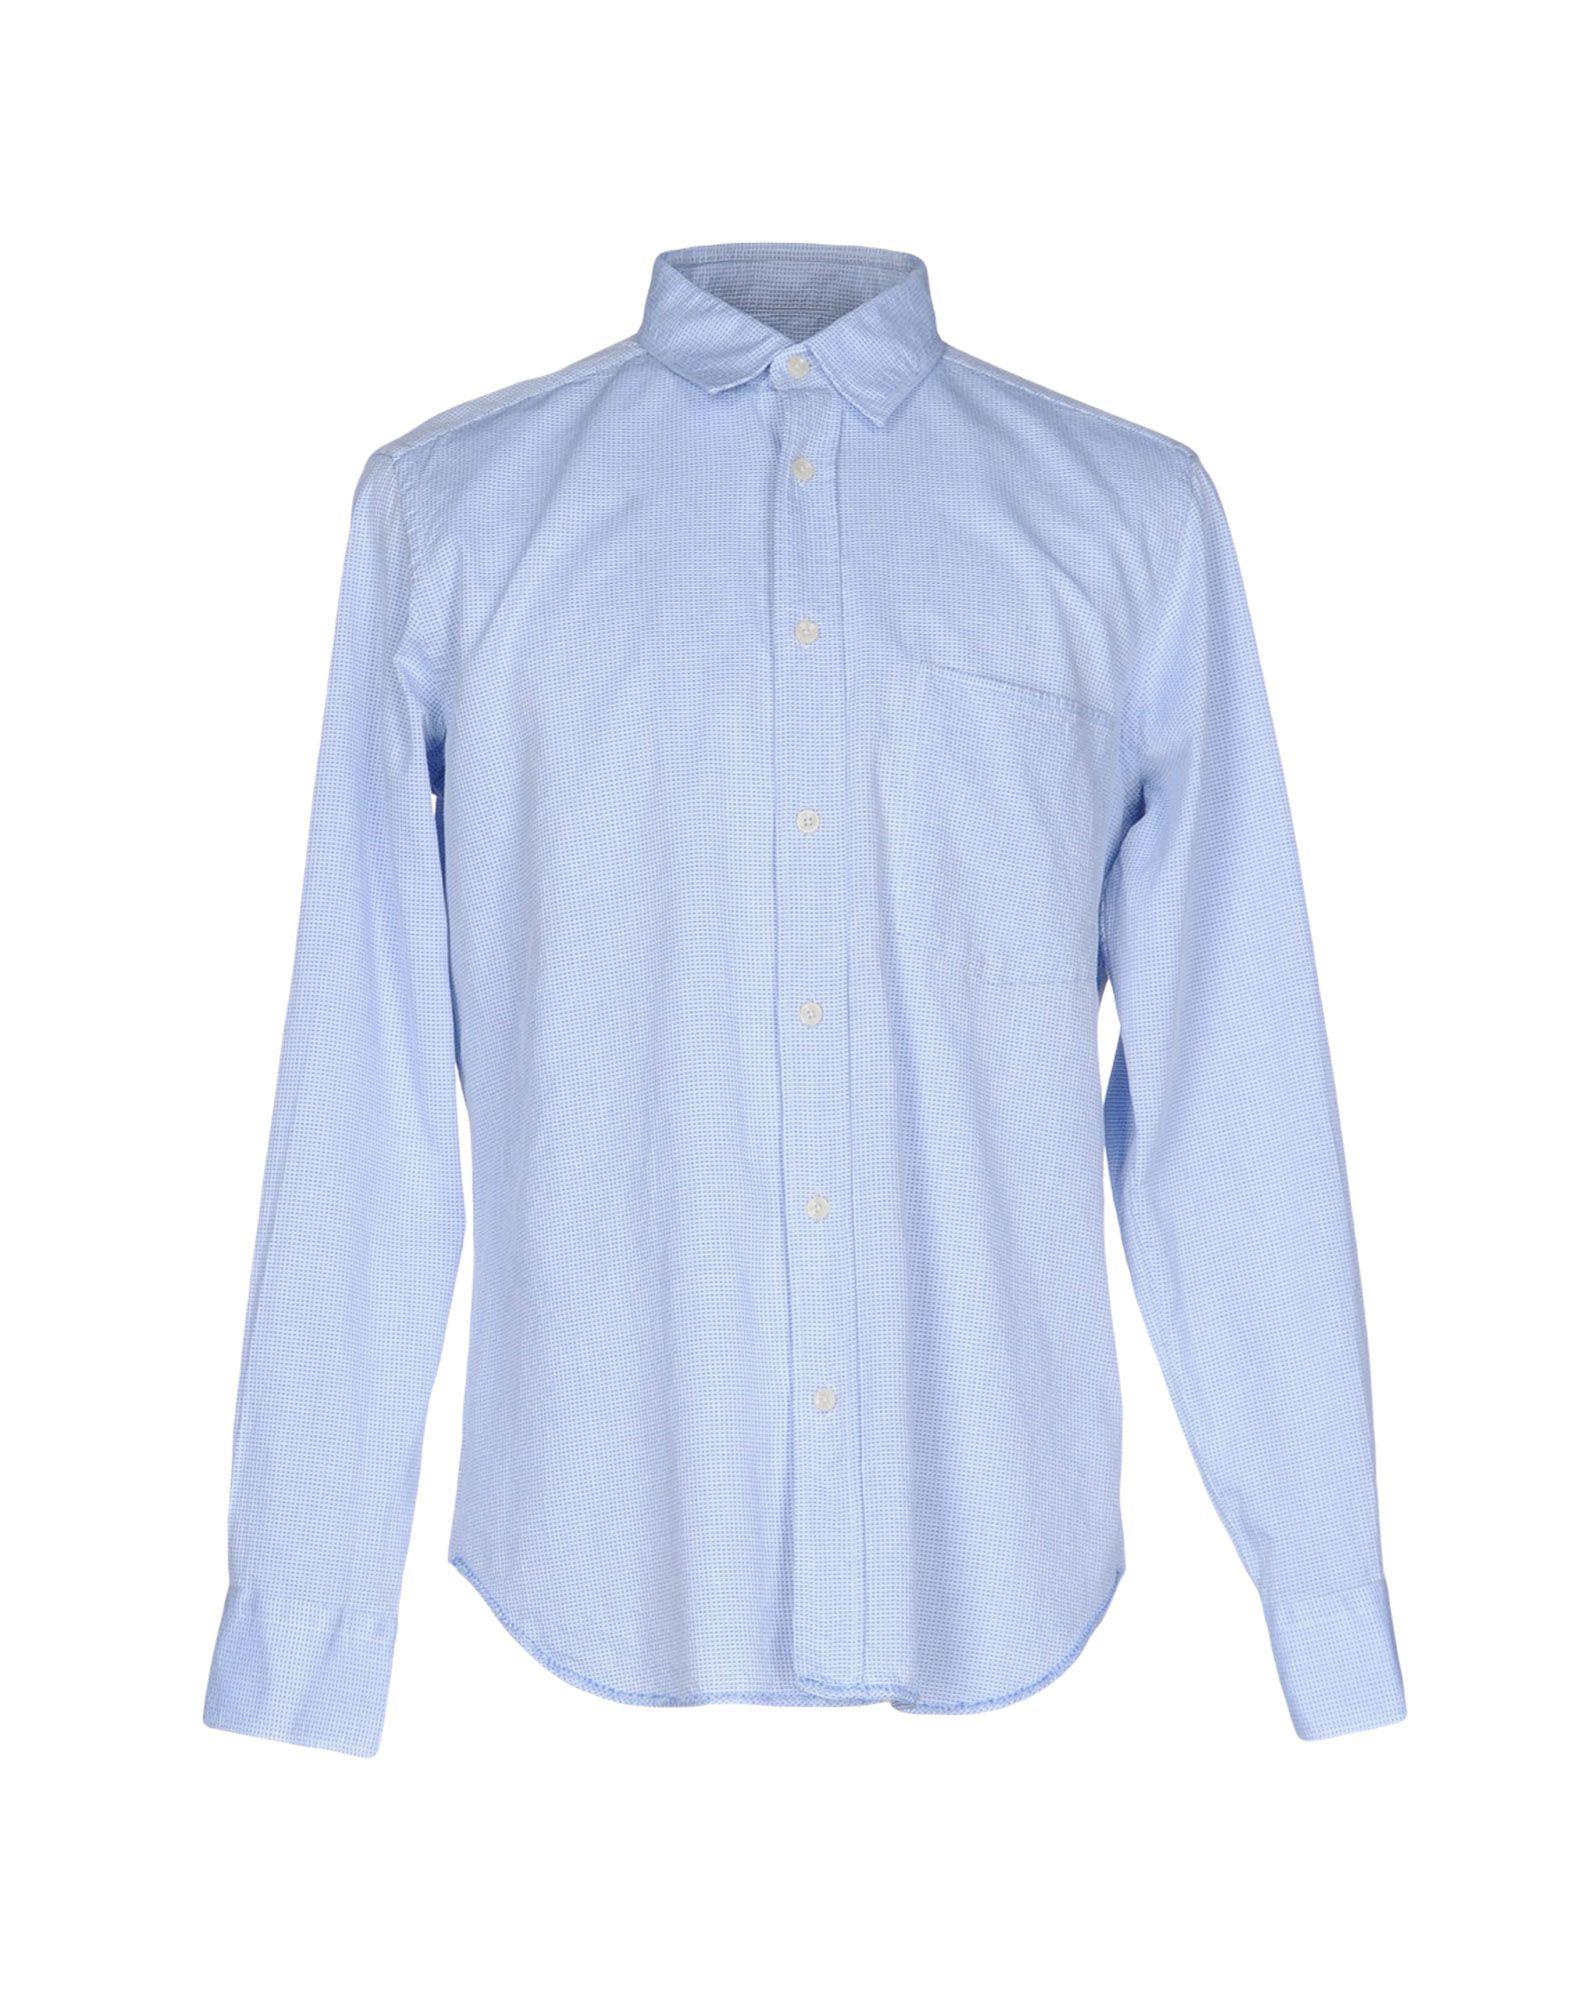 《送料無料》MAURO GRIFONI メンズ シャツ アジュールブルー 43 コットン 100%